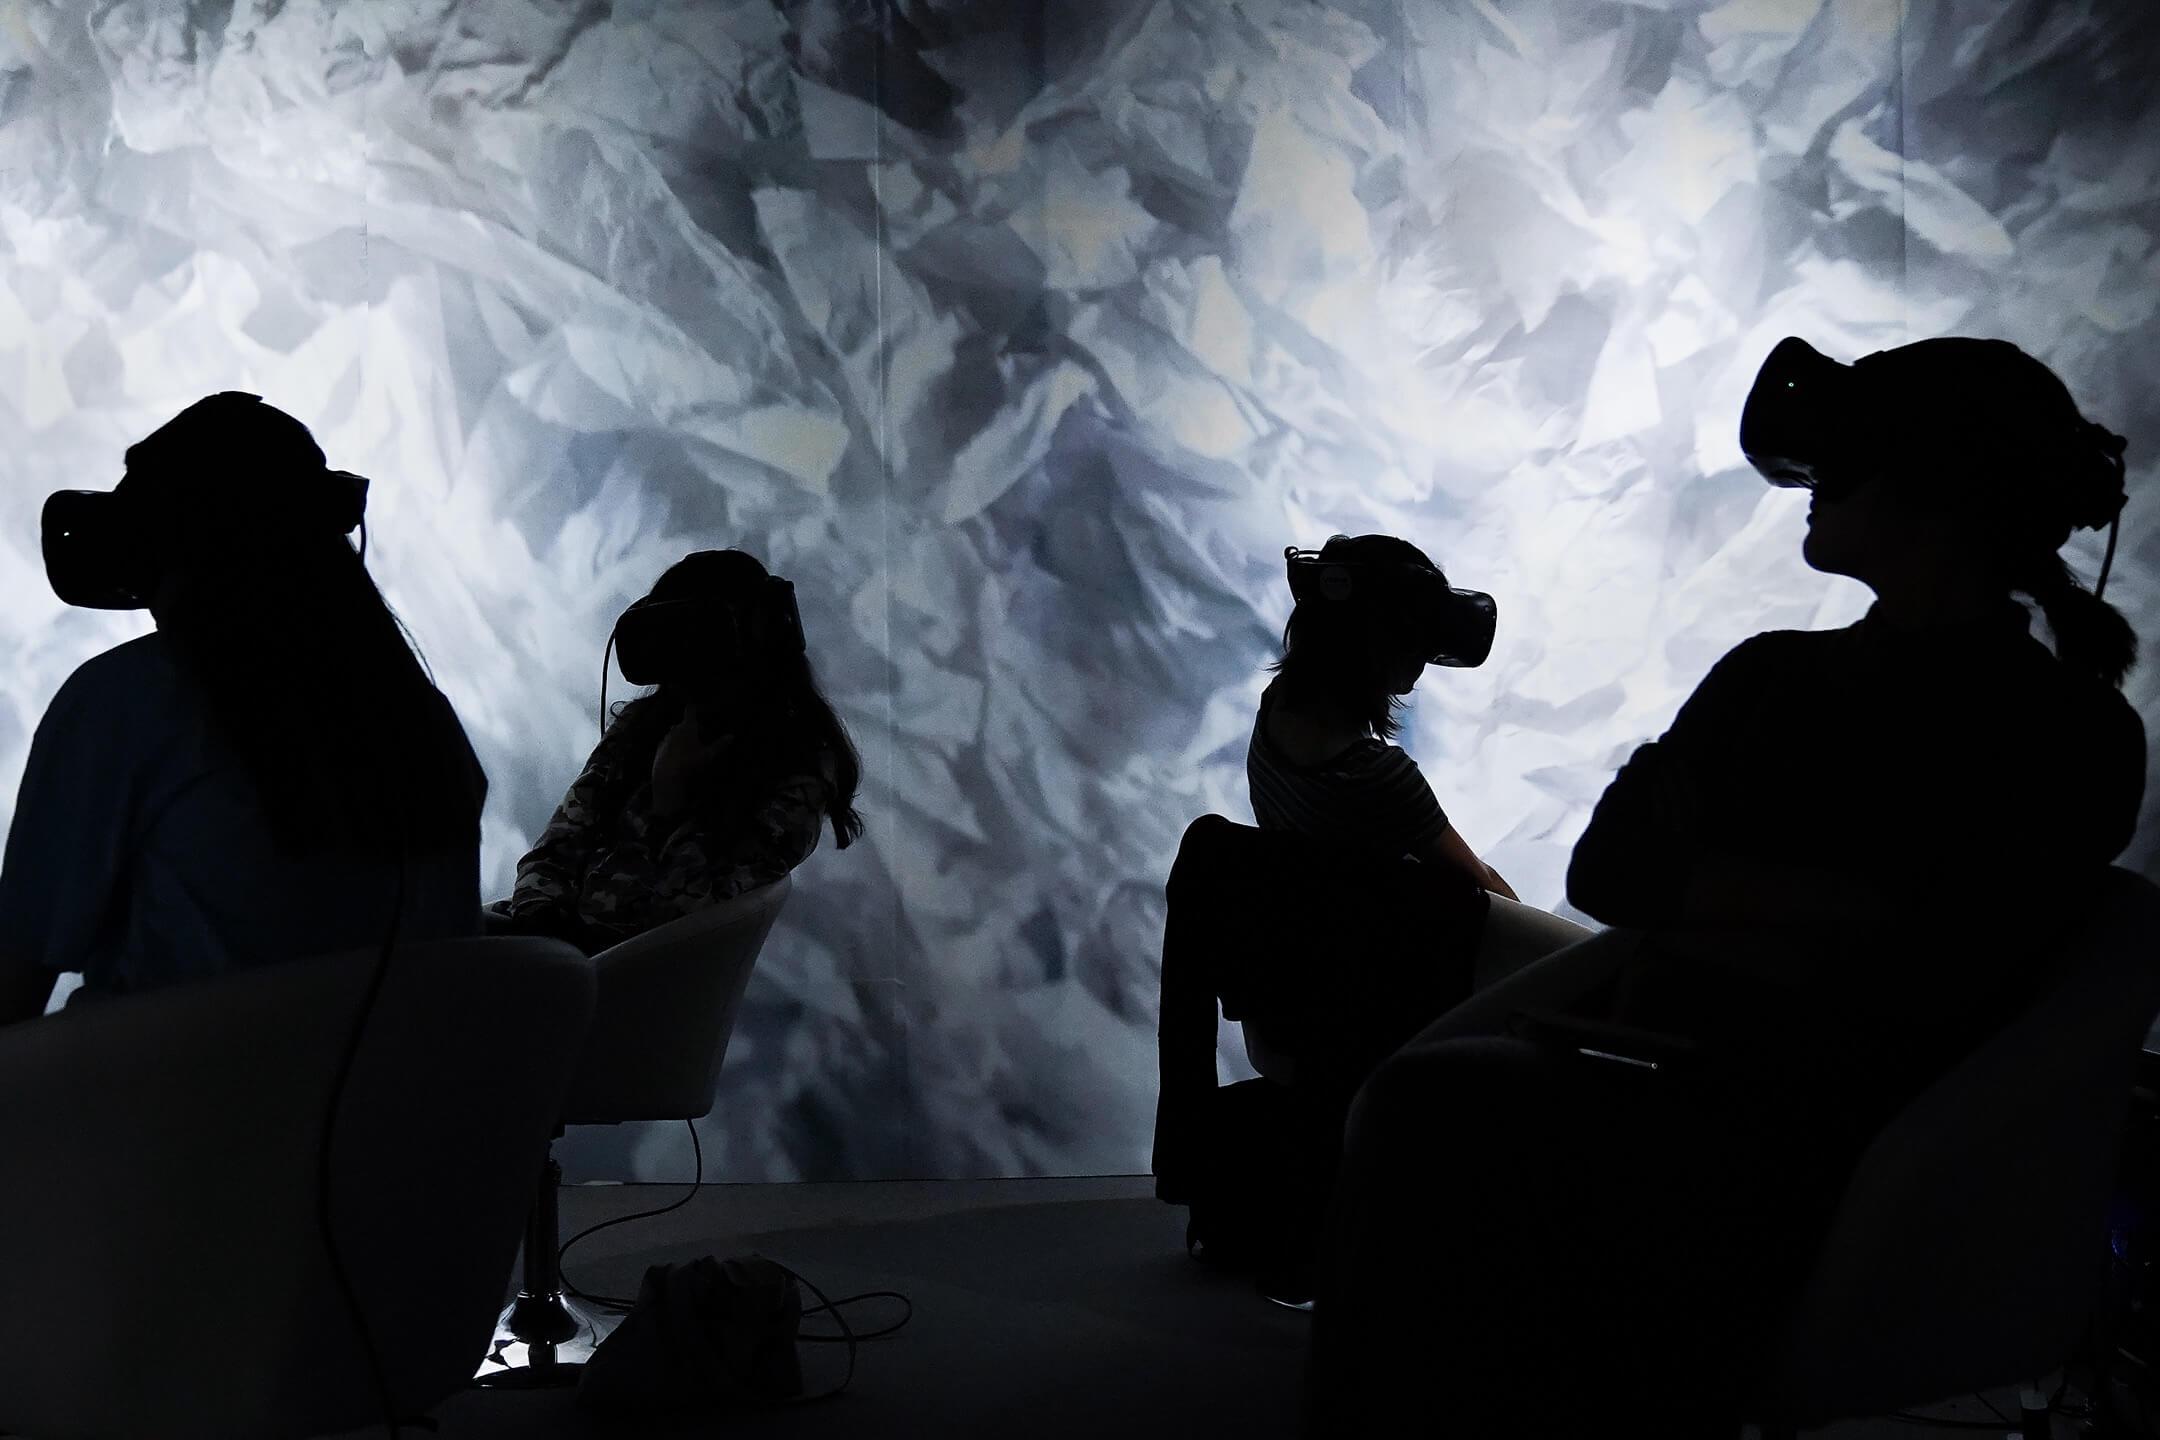 2019年北京國際電影節,參加者用眼罩觀看一套虛擬實境電影。 攝:Andrea Verdelli/Getty Images